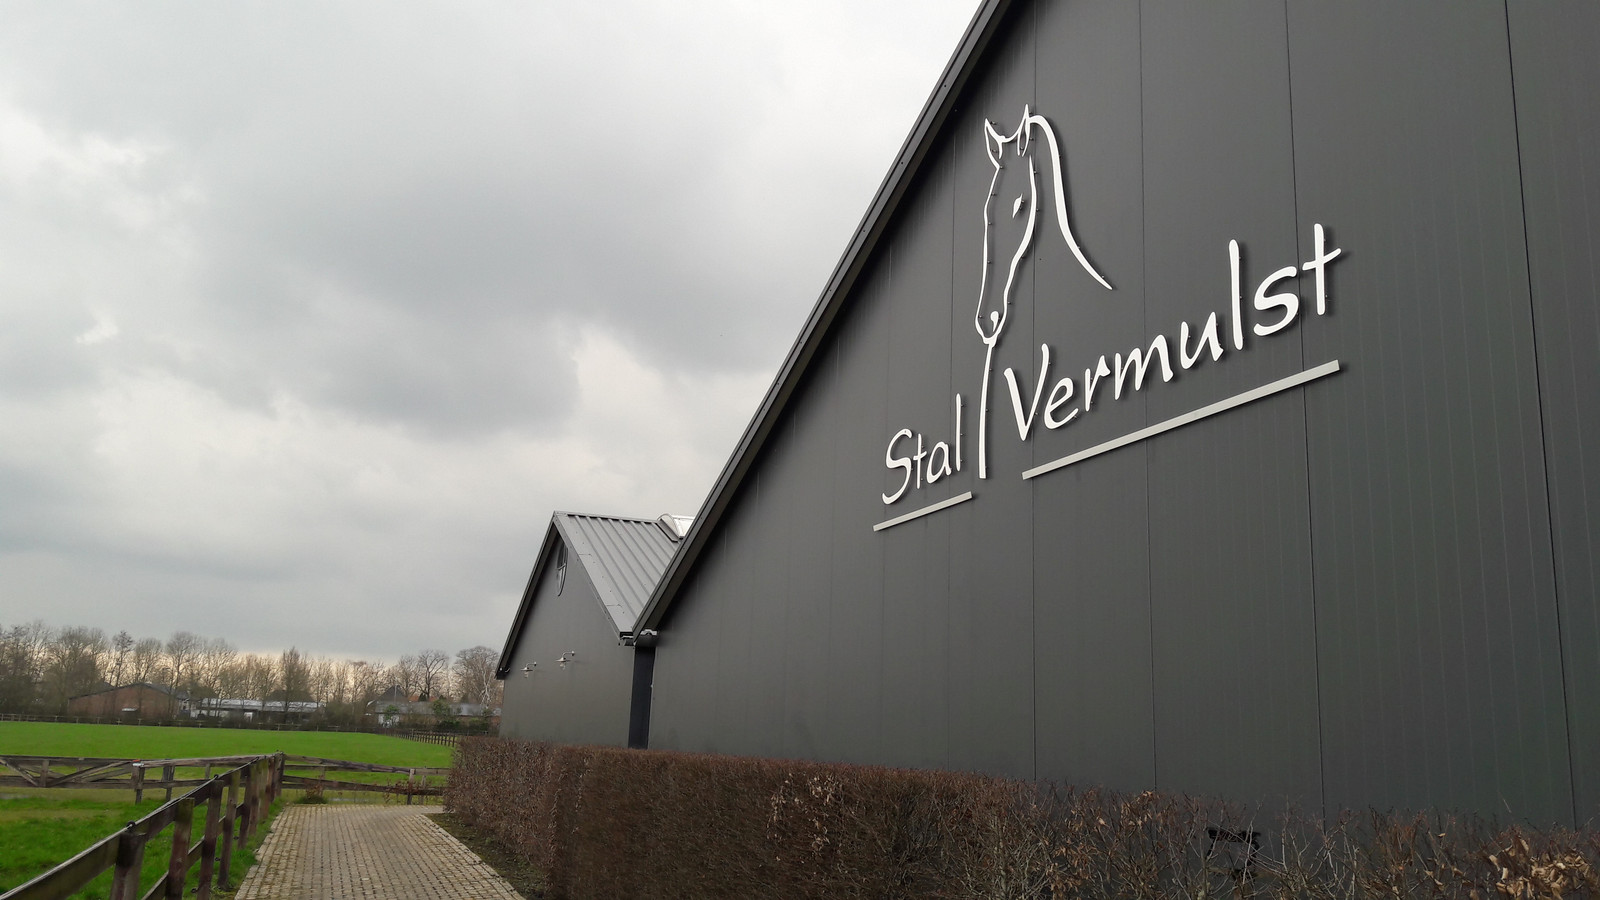 Stal Vermulst in Schijndel wil verhuizen om plaats te maken voor 250 tot 300 nieuwe woningen.